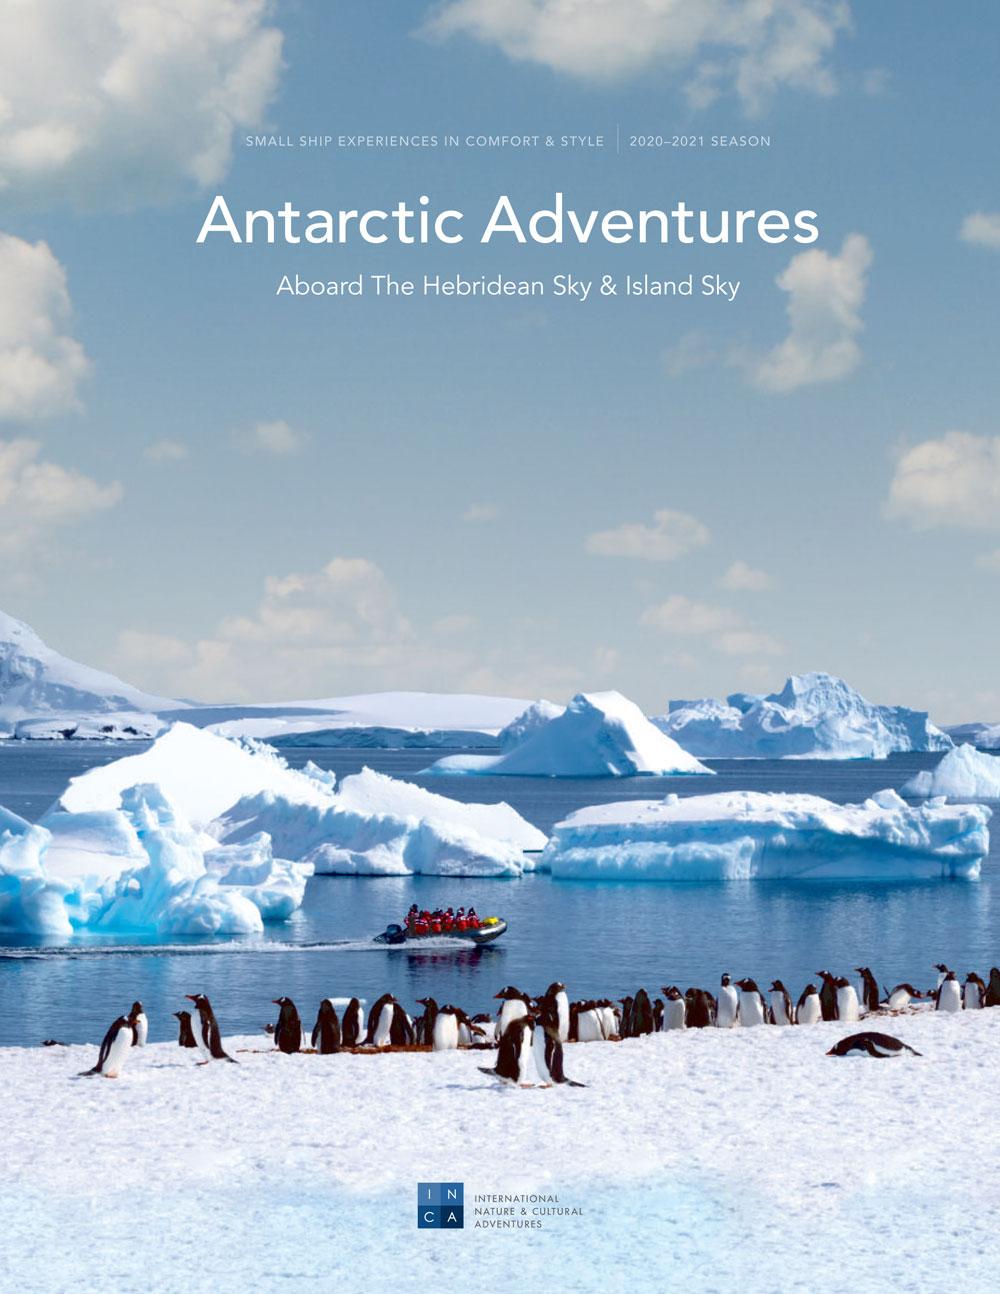 2020-2021 Antarctic Brochure